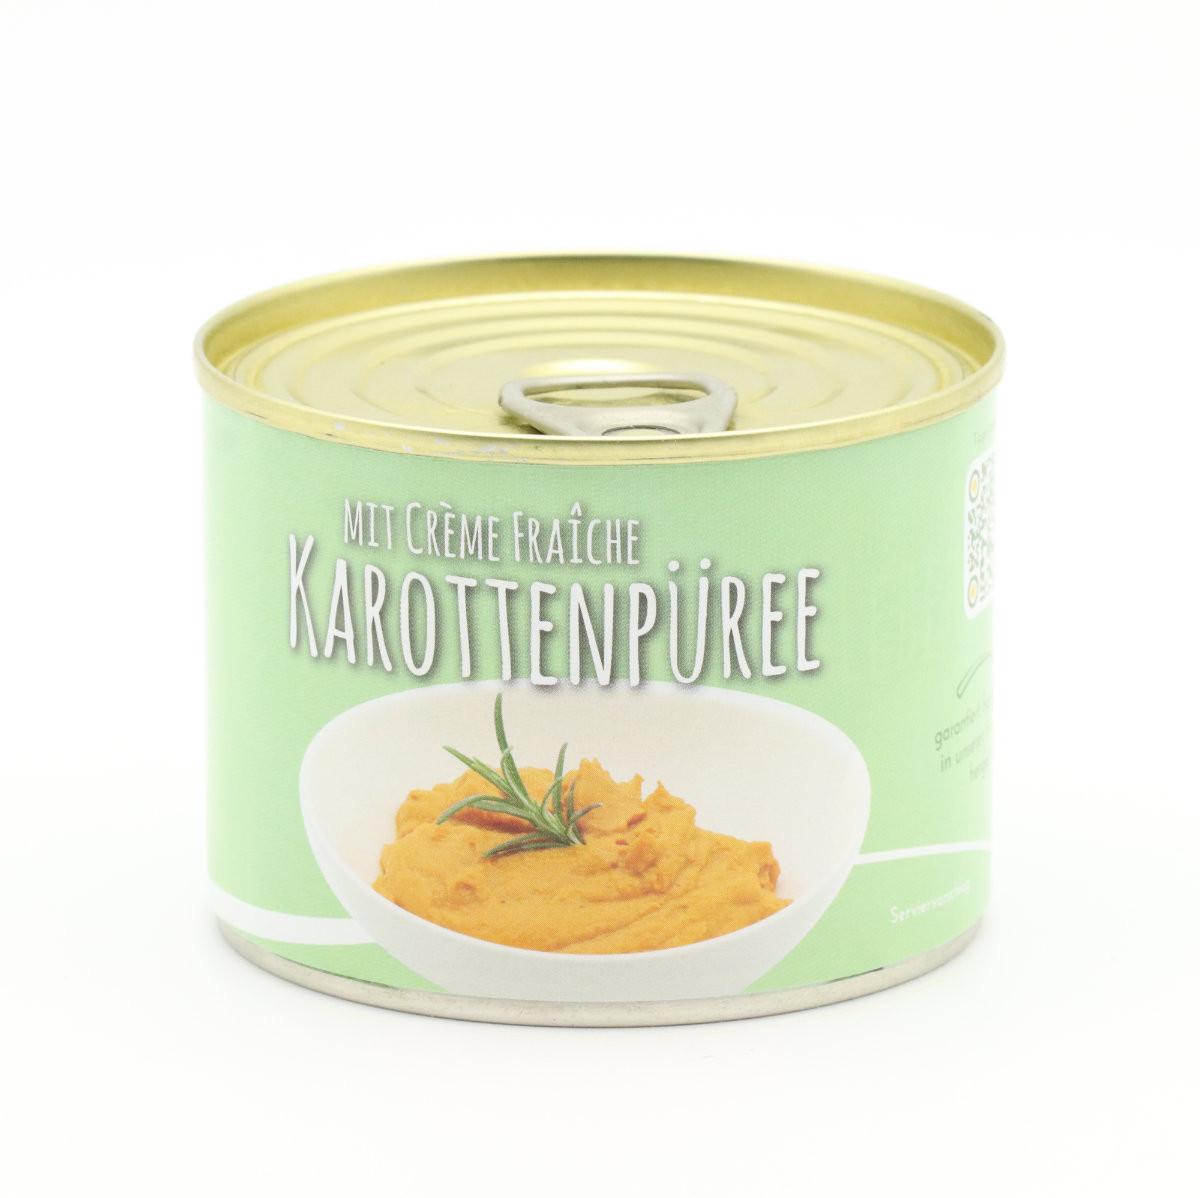 Karotten Püree mit Creme Fraiche verfeinert. 200g Dose